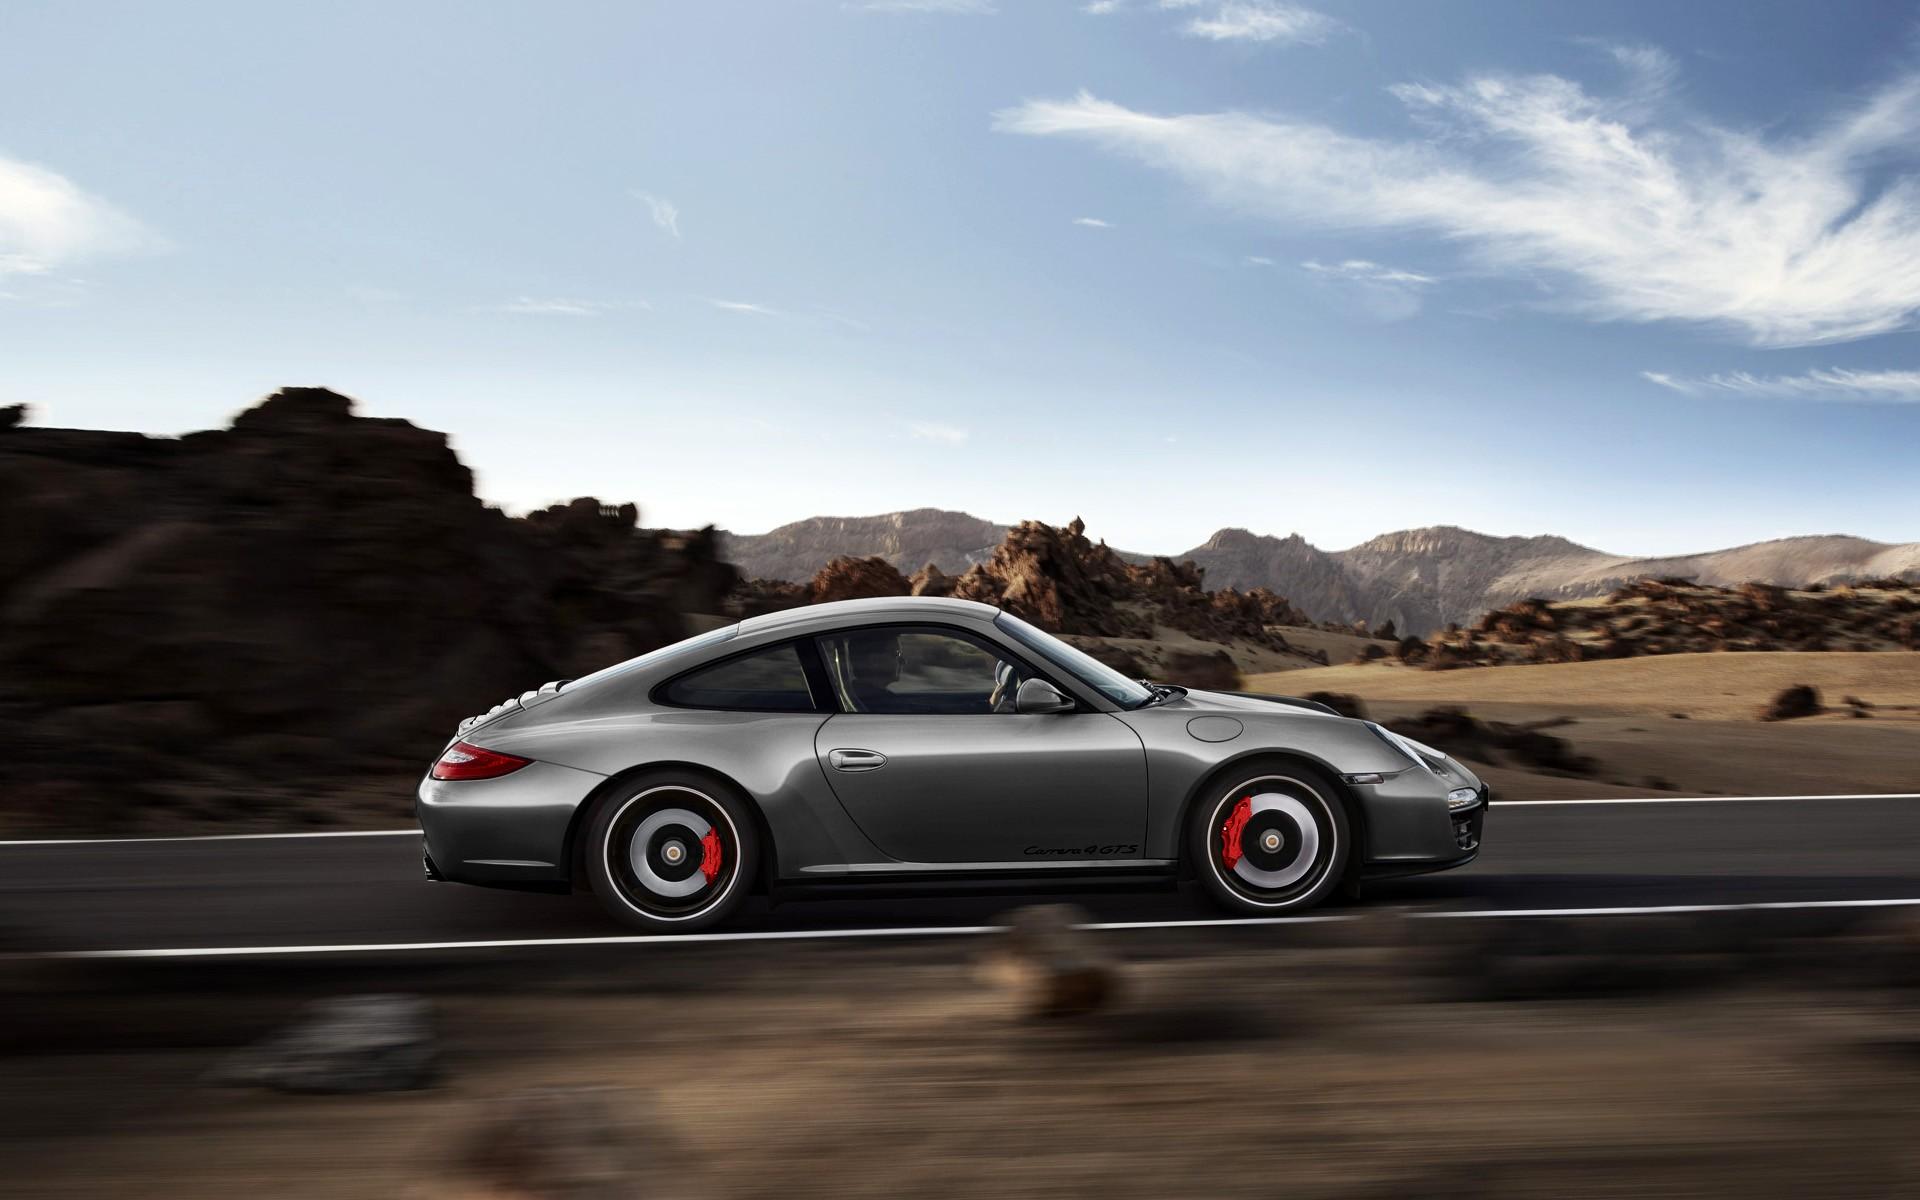 Porsche 911 carrera 4 gts wallpaper hd car wallpapers - Porsche 911 carrera s wallpaper ...